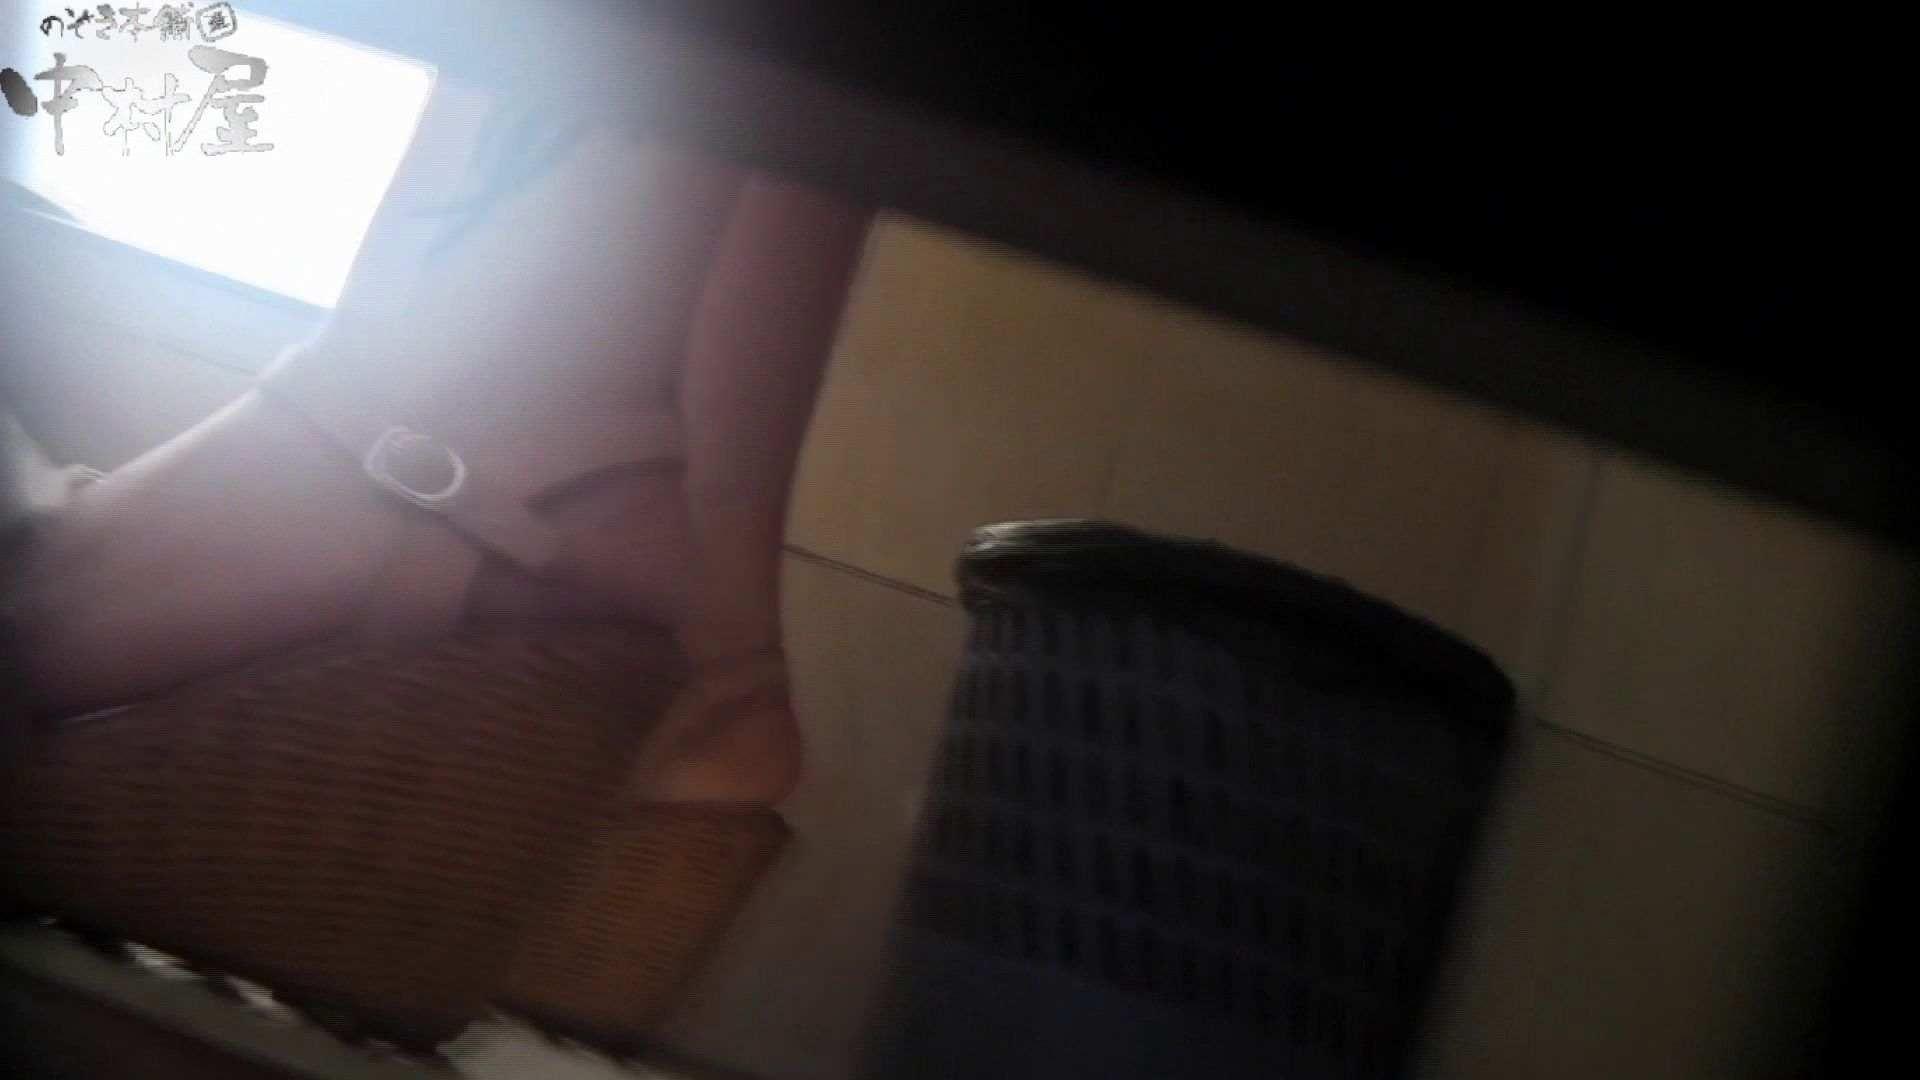 世界の射窓から~ステーション編~vol.39 お洒落な子がパイパン パイパン特集 | ギャルのマンコ  9枚 5